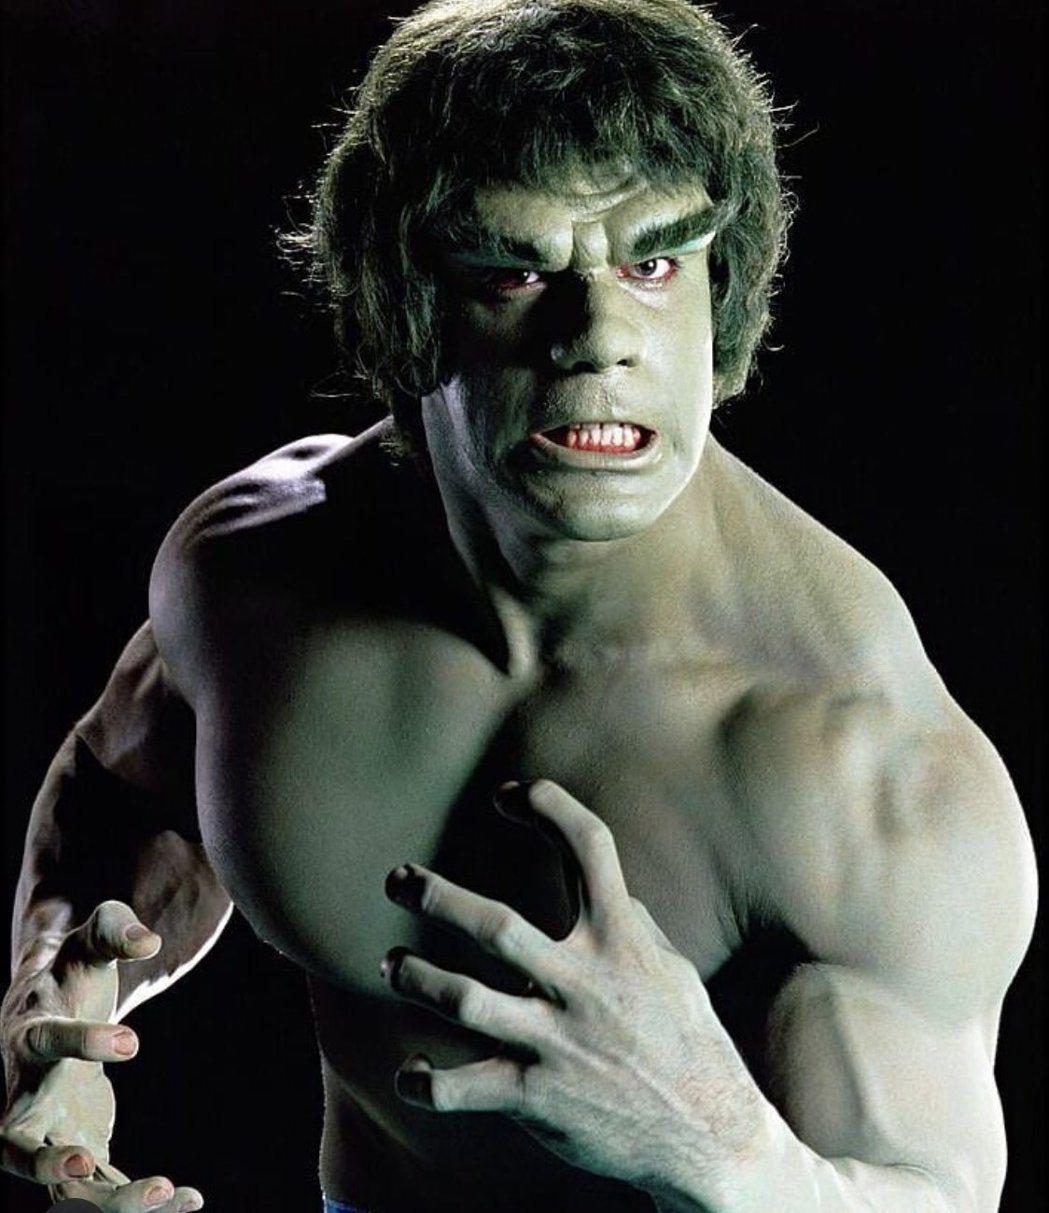 盧費里諾扮演浩克,全無電腦特效,身上的肌肉都是自己辛苦鍛鍊來的。圖/摘自twit...